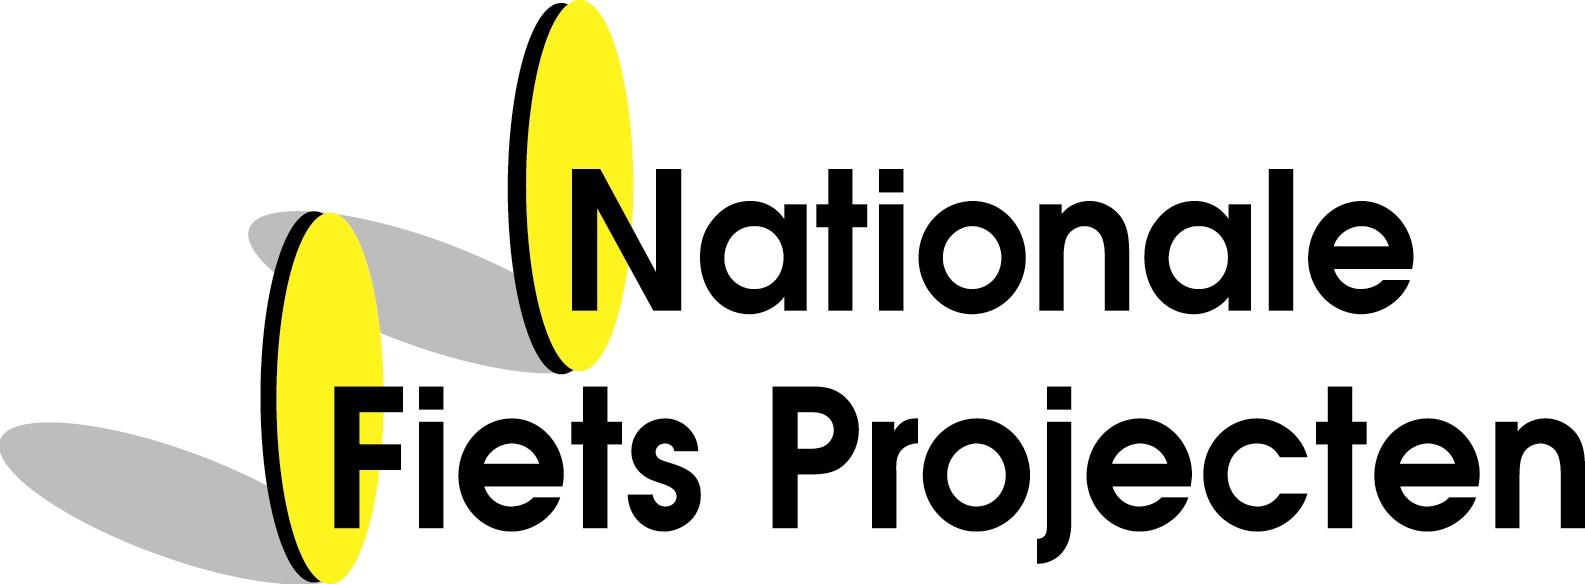 logo_van_NFP_in_jpg.jpg